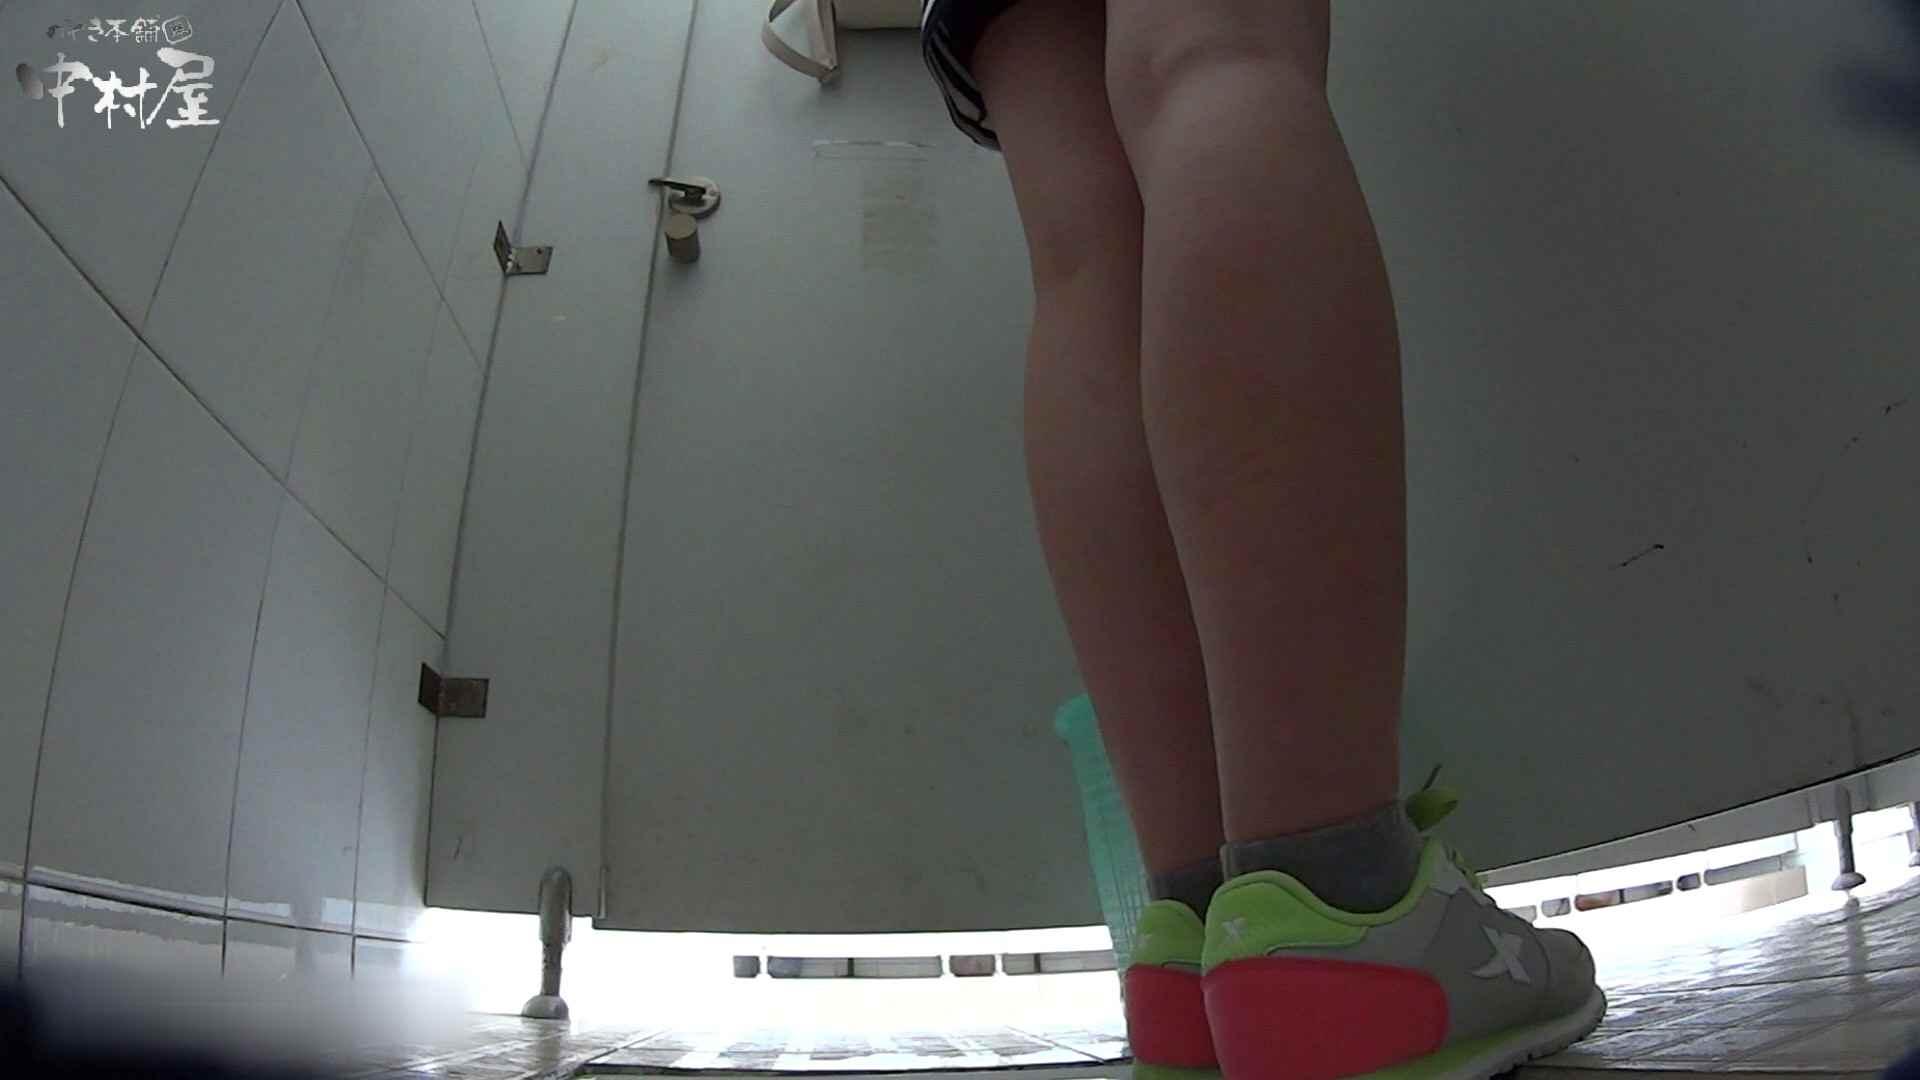 美しい女良たちのトイレ事情 有名大学休憩時間の洗面所事情06 高画質 | 美女  92pic 21